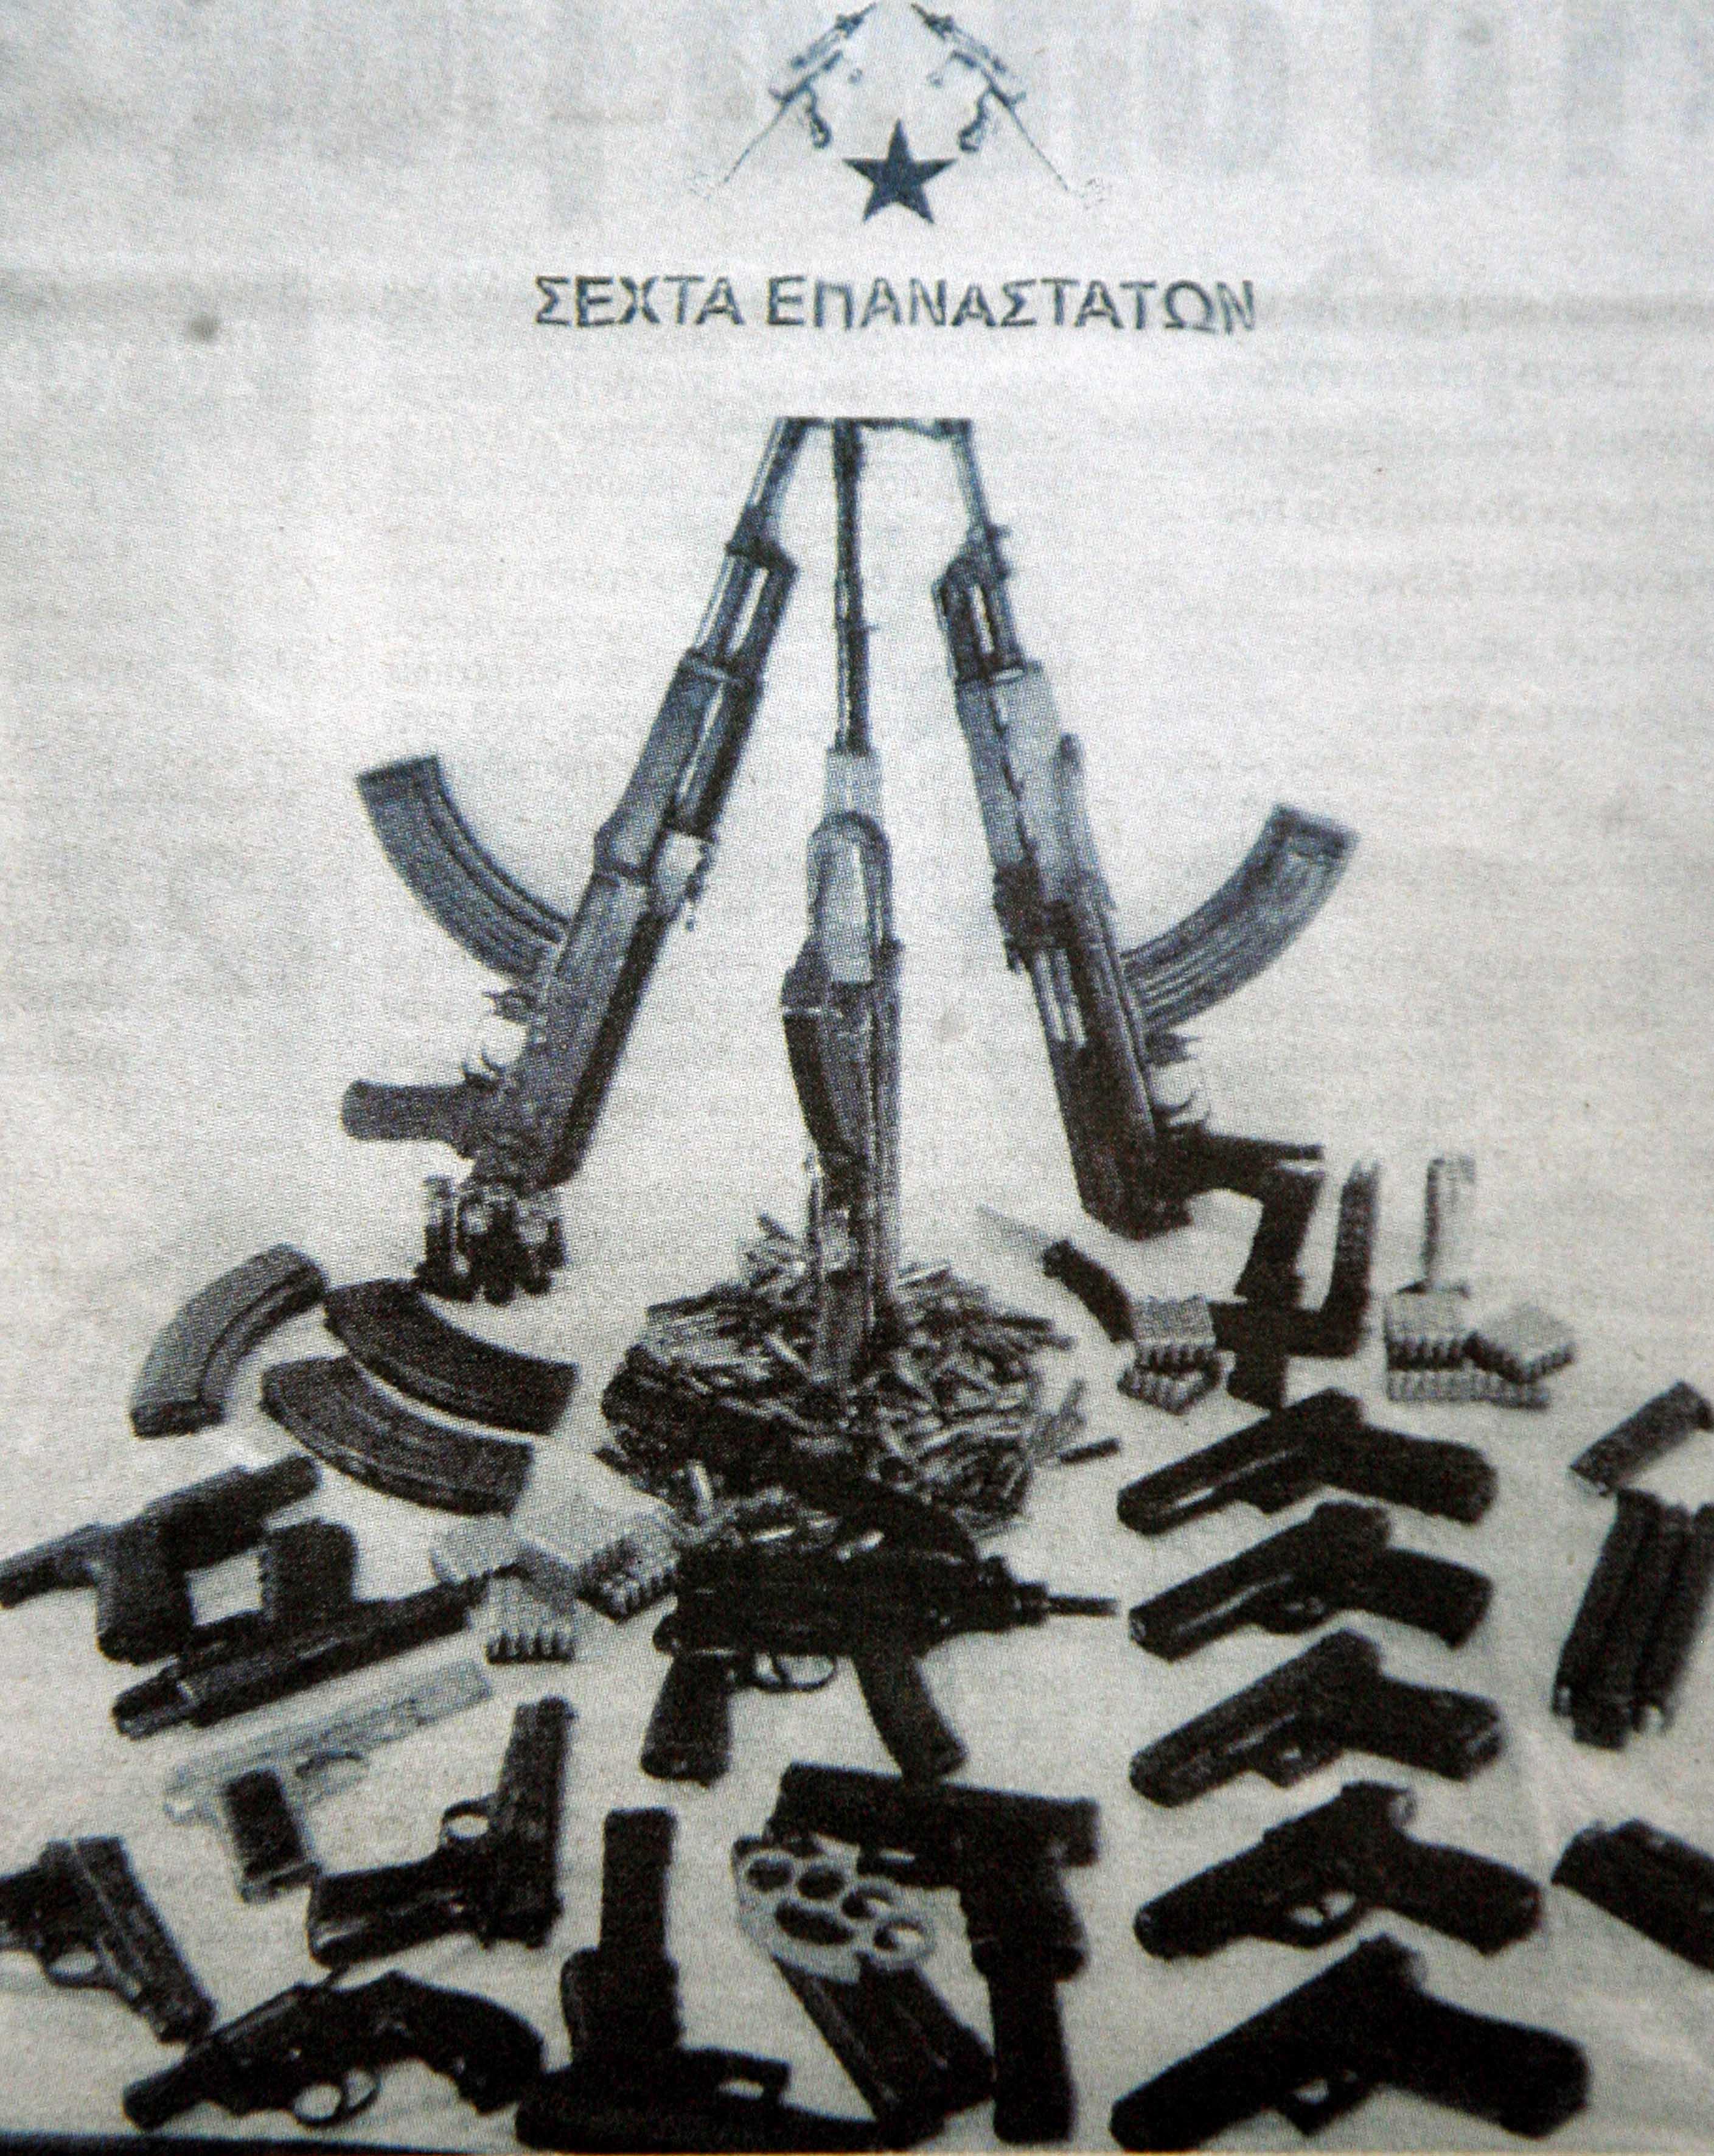 Εντοπίστηκε γιάφκα τρομοκρατών στη Ν.Σμύρνη - 4 Συλλήψεις από την Αντιτρομοκρατική υπηρεσία